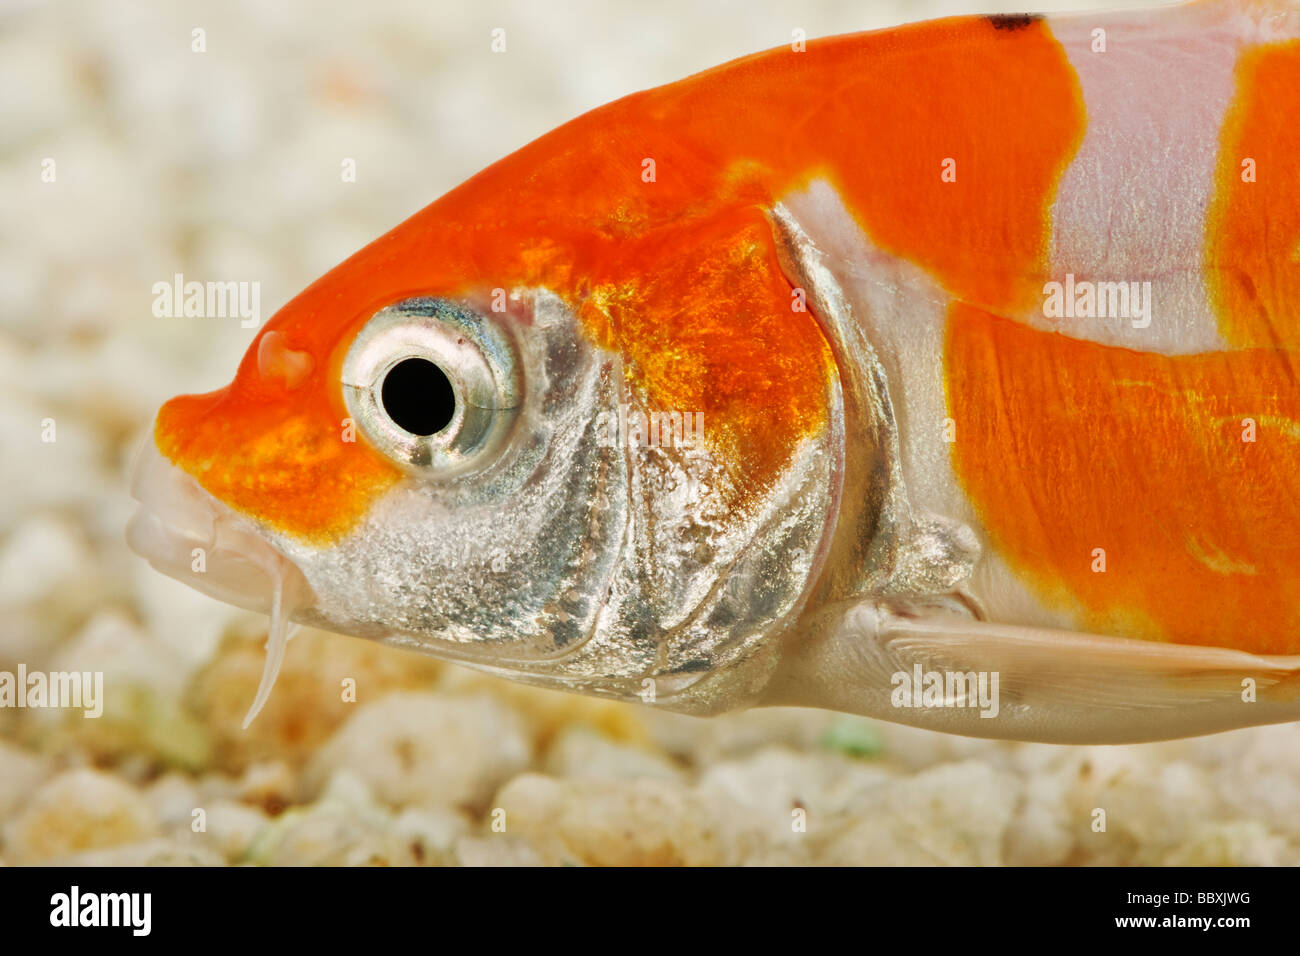 Peces Koi variedad domesticada de la carpa común Cyprinus carpio criados en diferentes patrones de color contra Imagen De Stock